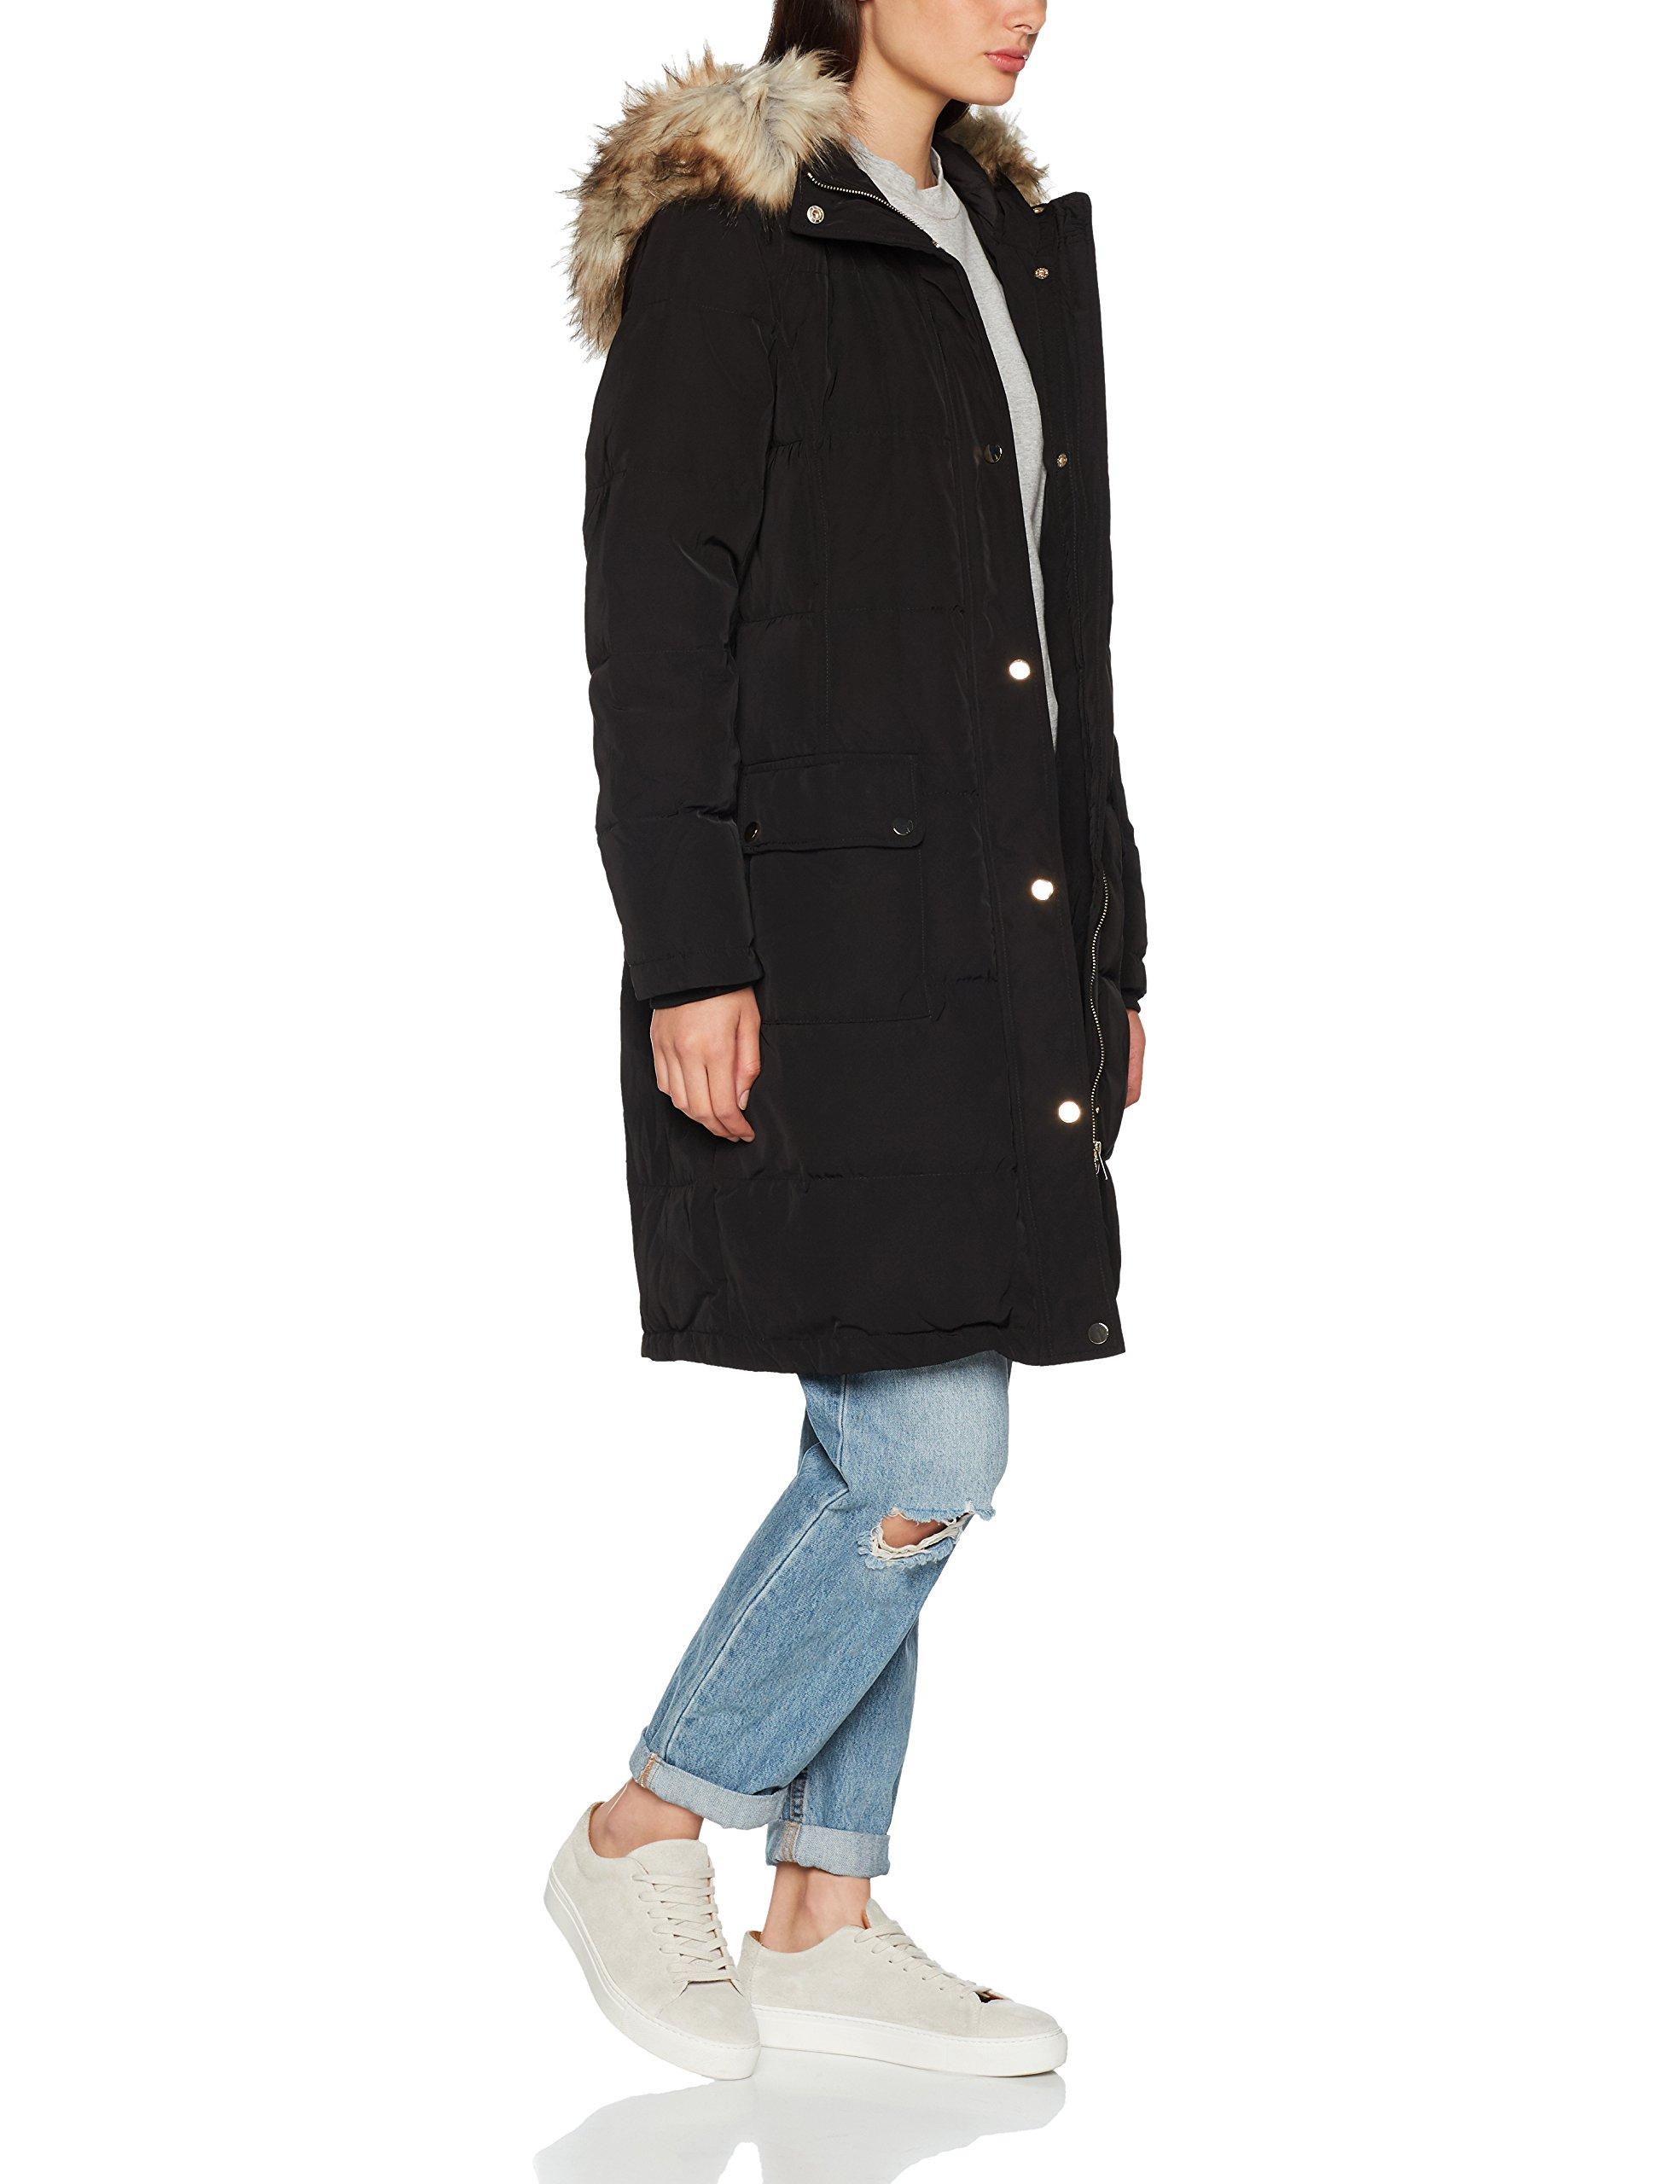 ManteauNoir FabricantX largeFemme Black42taille Vicalifornia Coat Clothes Vila XPk8nO0w